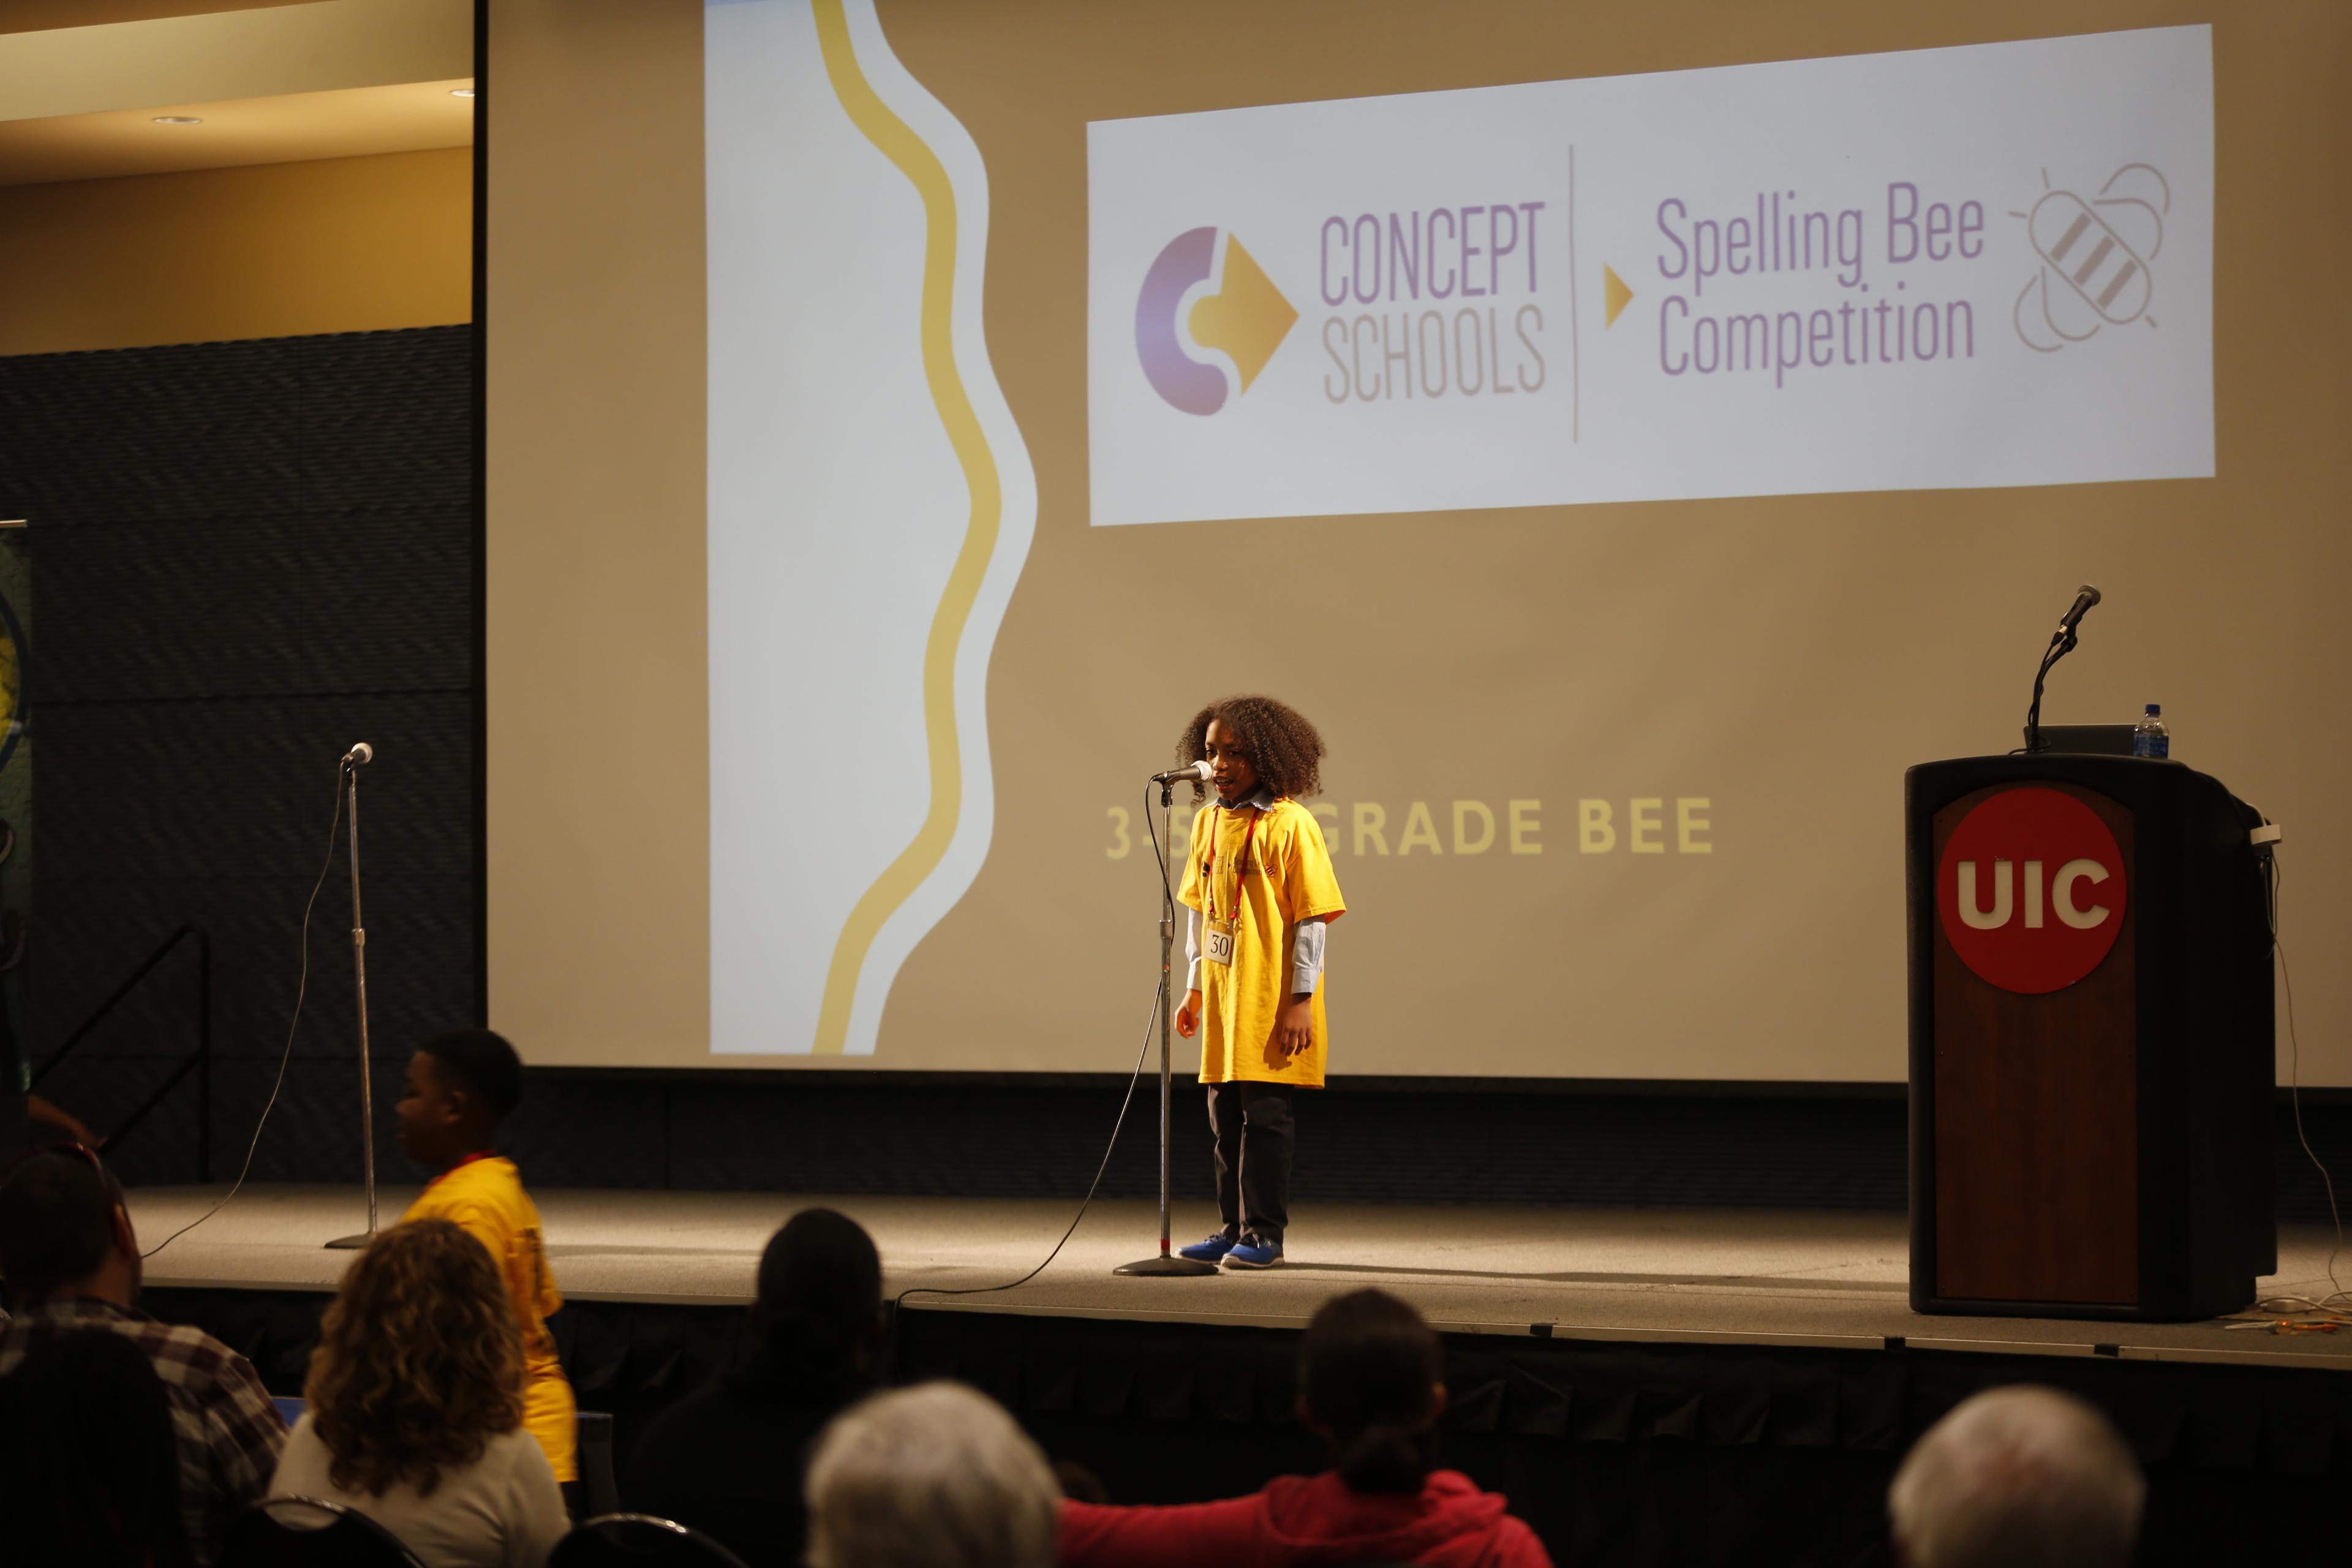 spelling-bee-concept-schools80